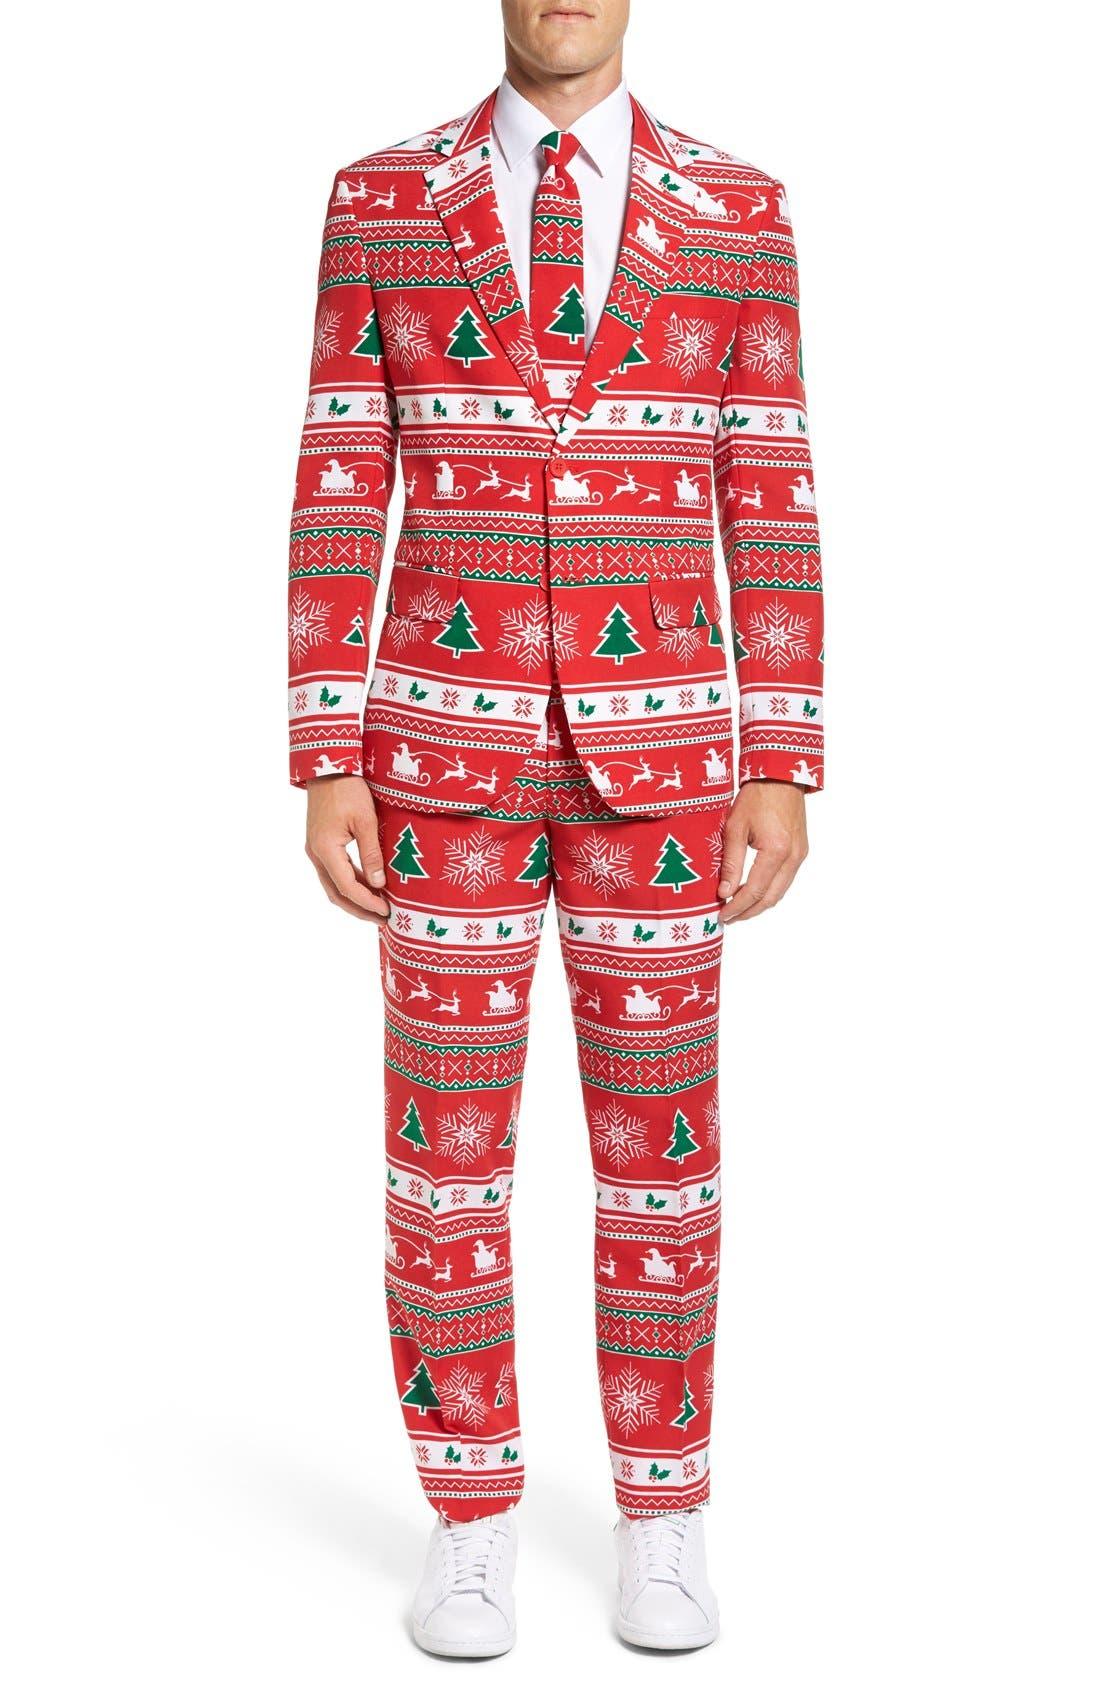 'Winter Wonderland' Trim Fit Two-Piece Suit with Tie,                             Main thumbnail 1, color,                             601